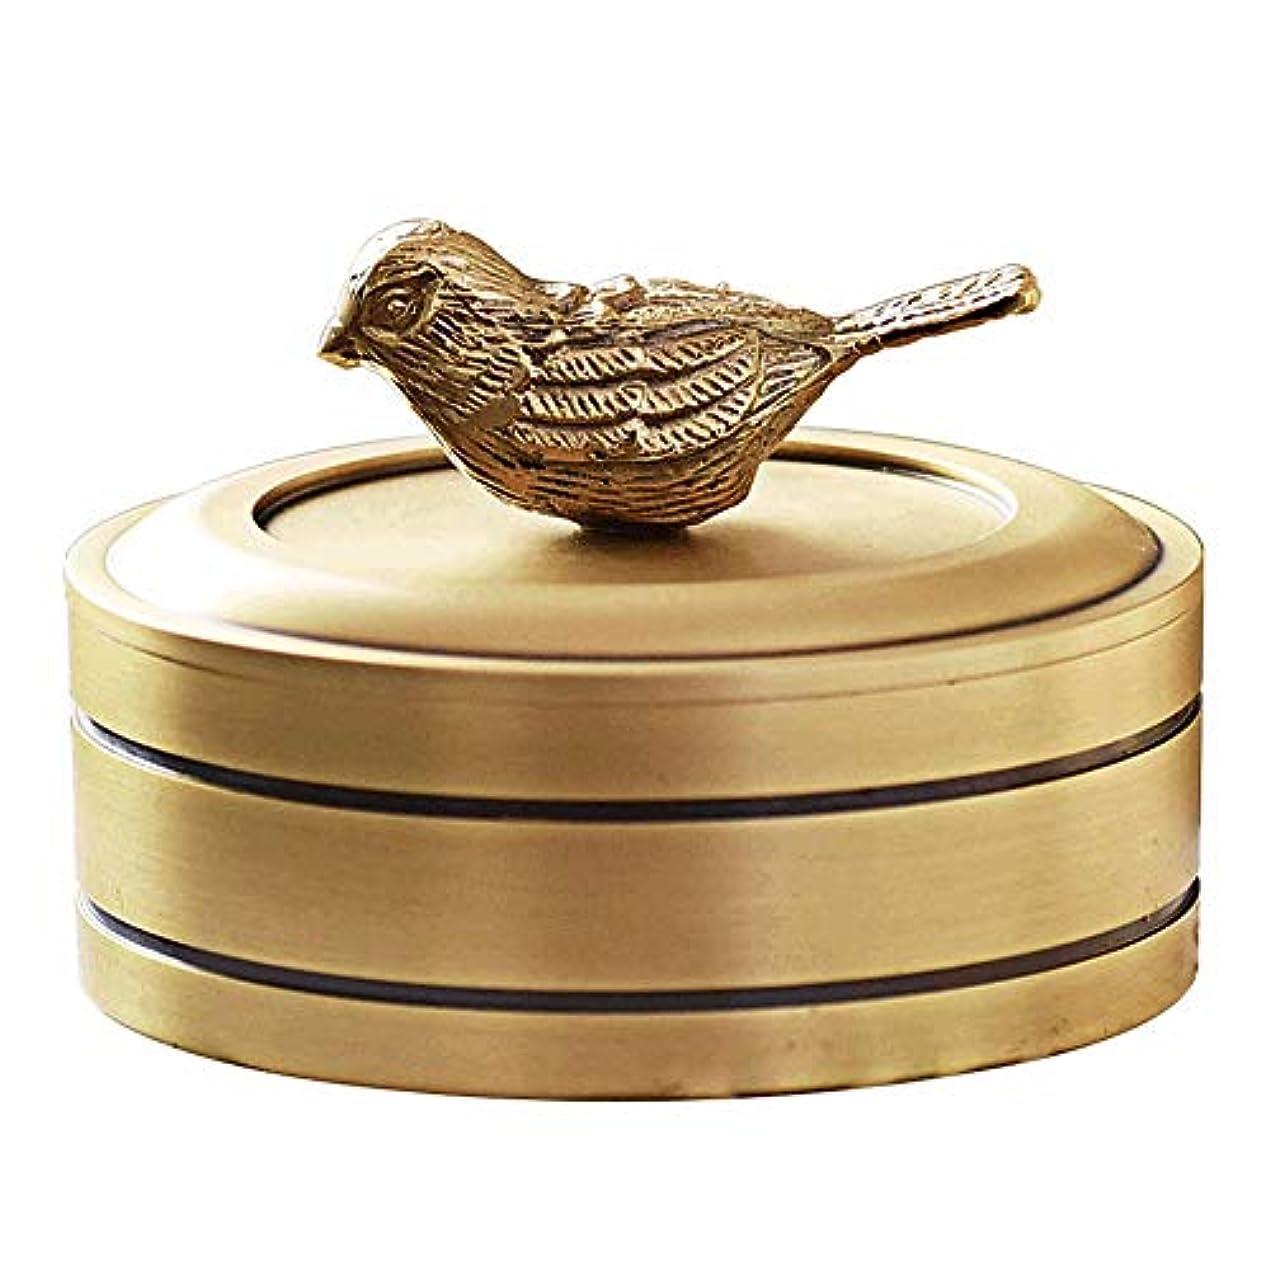 順番フライト高速道路銅の宝石箱ファッションギフトリビングルームホームデコレーション装飾品でカバー純粋な銅灰皿